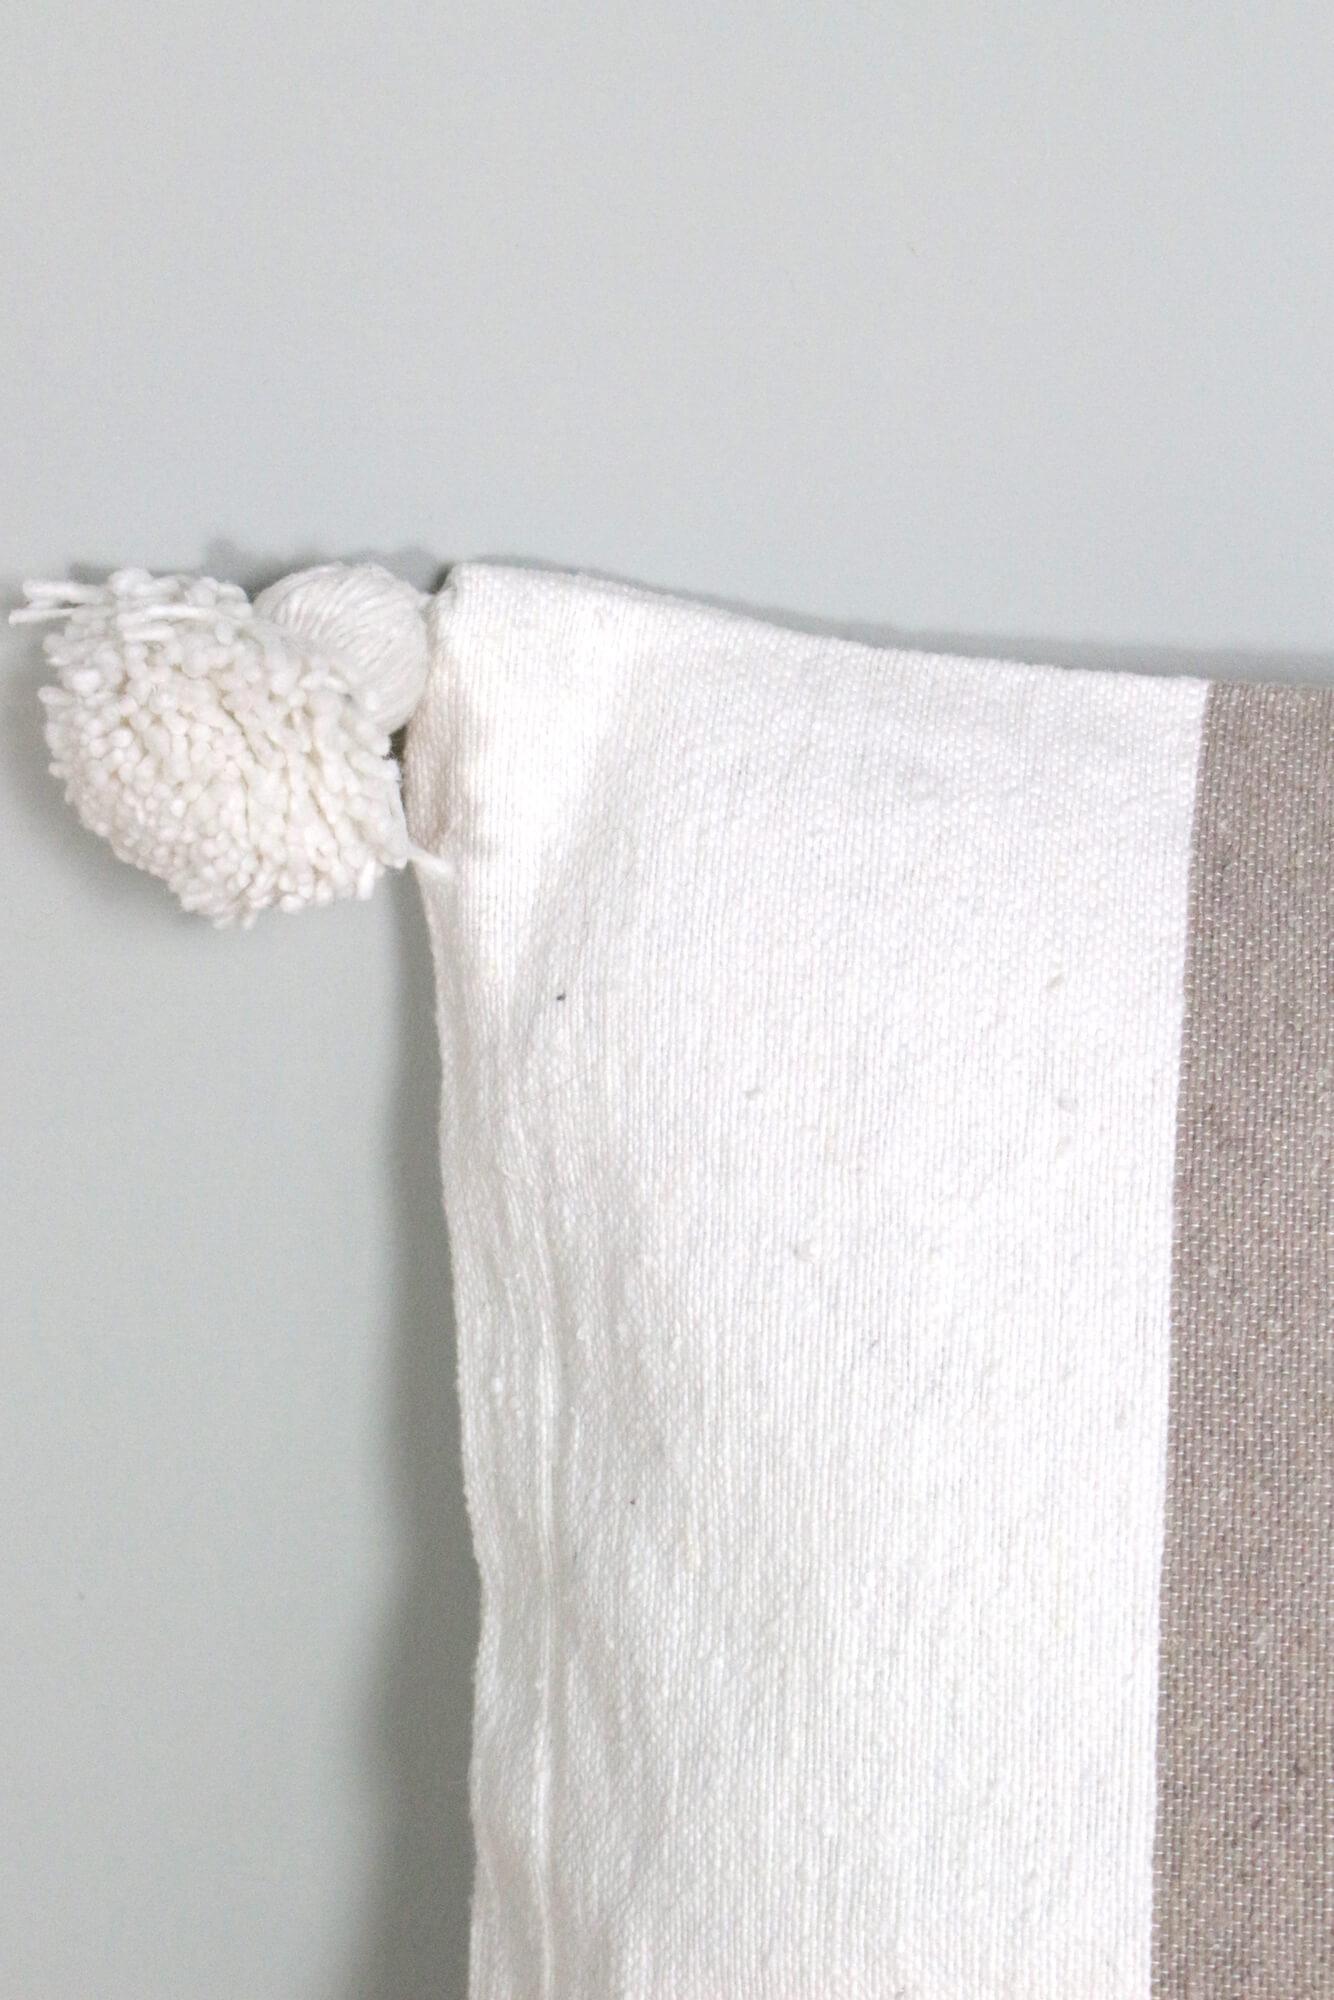 Pompom Kissen mit beigen Streifen, 50x50